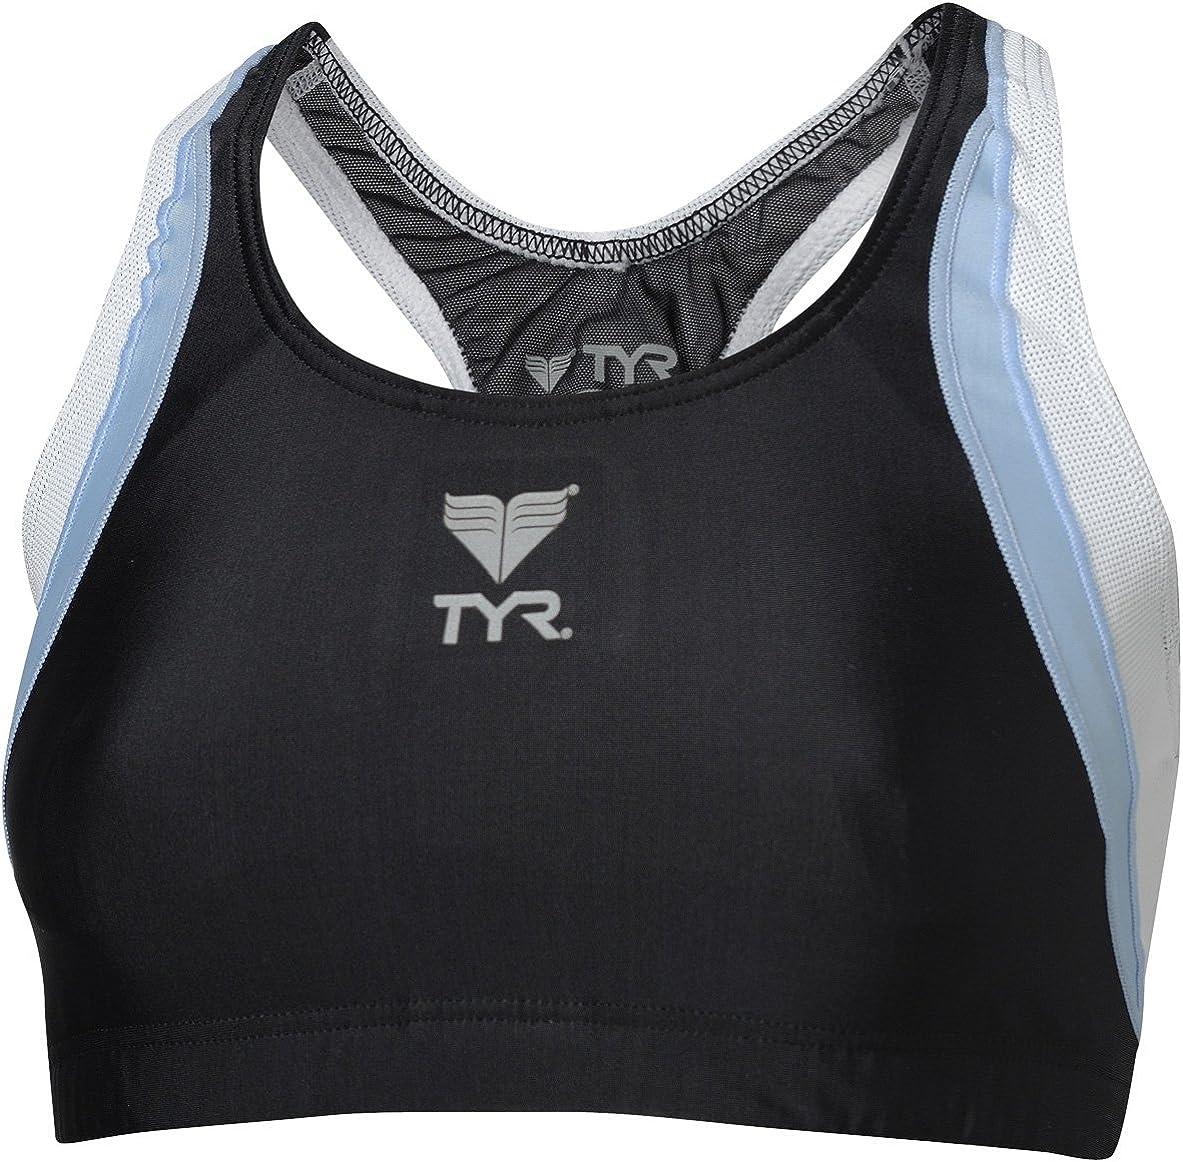 TYR Multisport Women's Splice Maxback Workout Bikini Top, Black